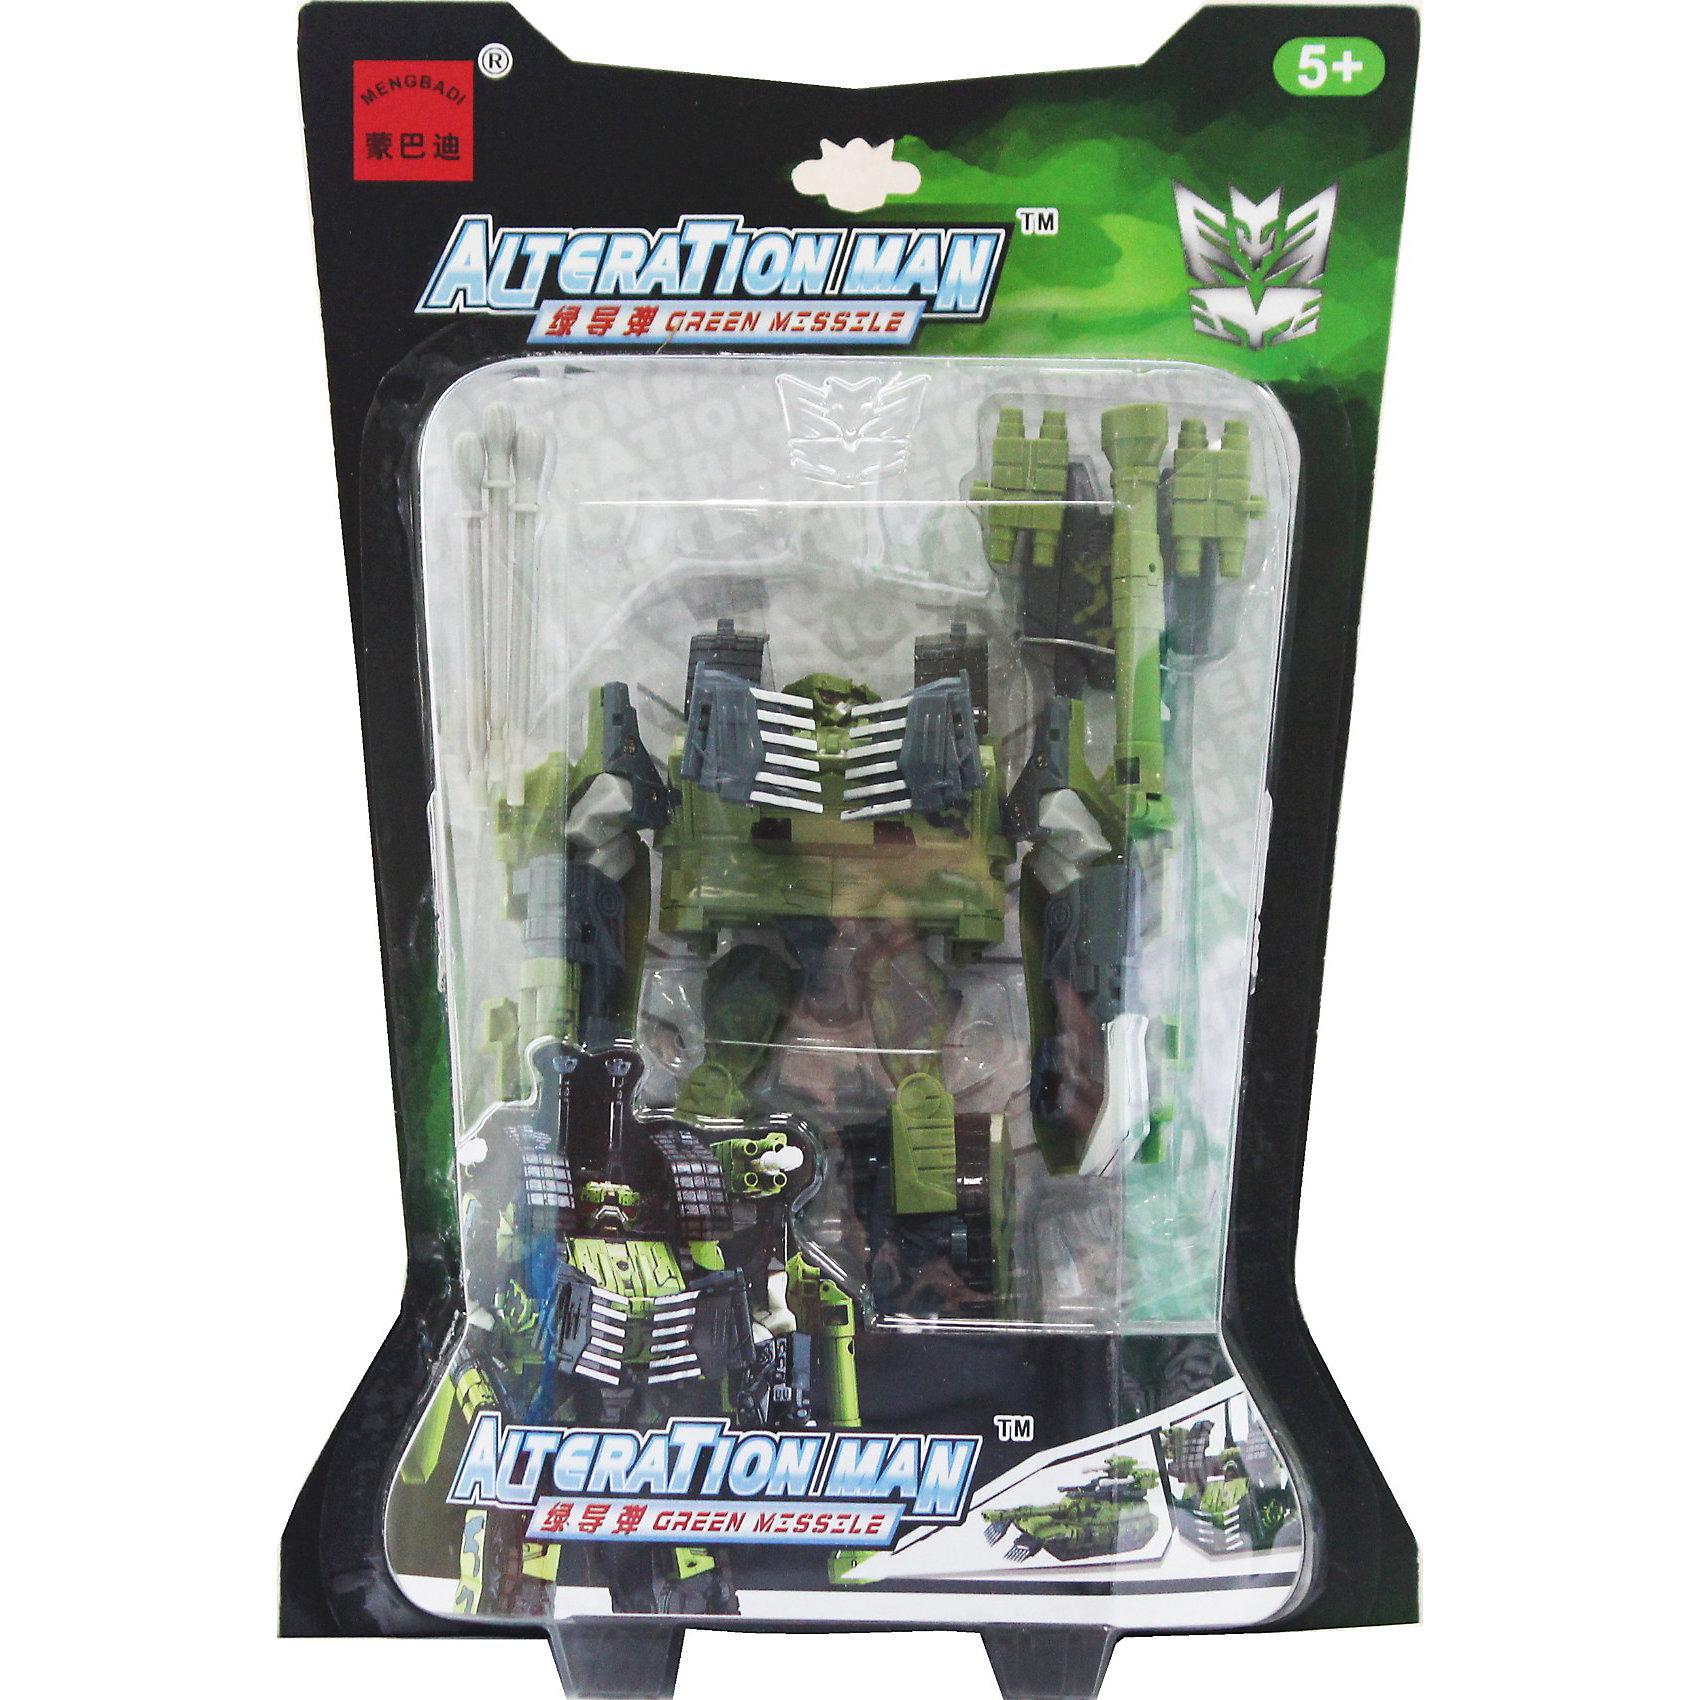 Робот-трансформер: Собирается в Танк XL, Play LineРобот-трансформер: Собирается в Танк XL, Play Line (Плэй Лайн)-это уникальная игрушка для мальчиков, увлекающихся фантастикой и военной техникой.<br>  <br>Робот имеет высококачественное исполнение и выполнен в раскраске хаки. Легко трансформируется в мощный танк. С помощью игрушки ребята могут создавать новые увлекательные сюжеты для игр, что позволяет развивать логическое мышление, воображение, мелкую моторику рук.<br> <br>Дополнительная информация:<br><br>- Масса: 264 г<br>- Размеры: 34,5x23,0x7,2 см<br>- Материал: пластик<br><br>Создайте все условия для интересного досуга ребенка-пополните его коллекцию трансформеров еще одним замечательным набором!<br><br>Робота-трансформера: Собирается в Танк XL, Play Line (Плэй Лайн) можно купить в нашем магазине.<br><br>Ширина мм: 110<br>Глубина мм: 310<br>Высота мм: 330<br>Вес г: 300<br>Возраст от месяцев: 36<br>Возраст до месяцев: 144<br>Пол: Мужской<br>Возраст: Детский<br>SKU: 3539029